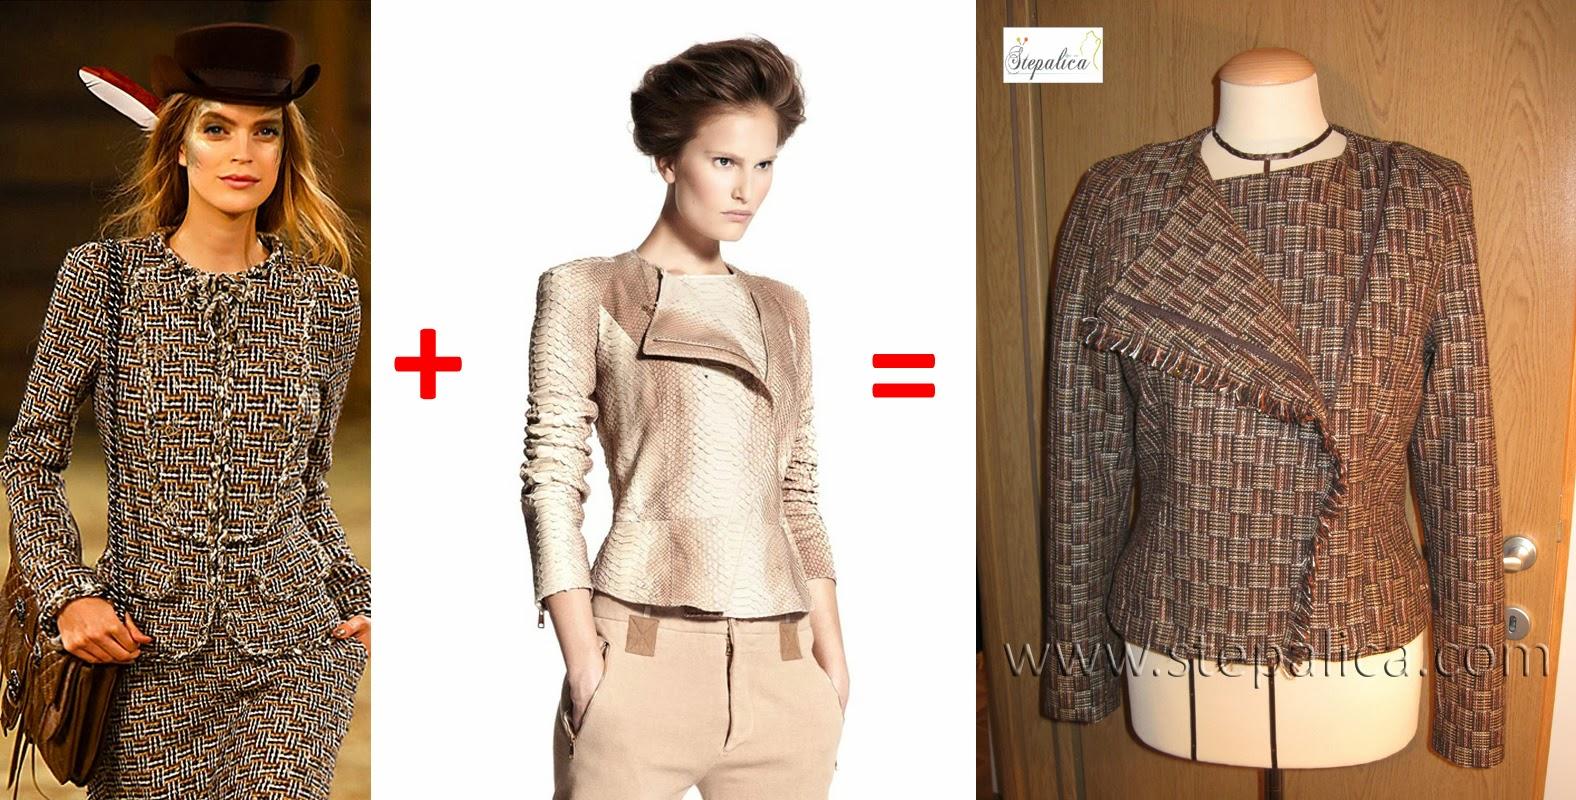 Štepalica: A. Mekvin jakna u Šanel stilu